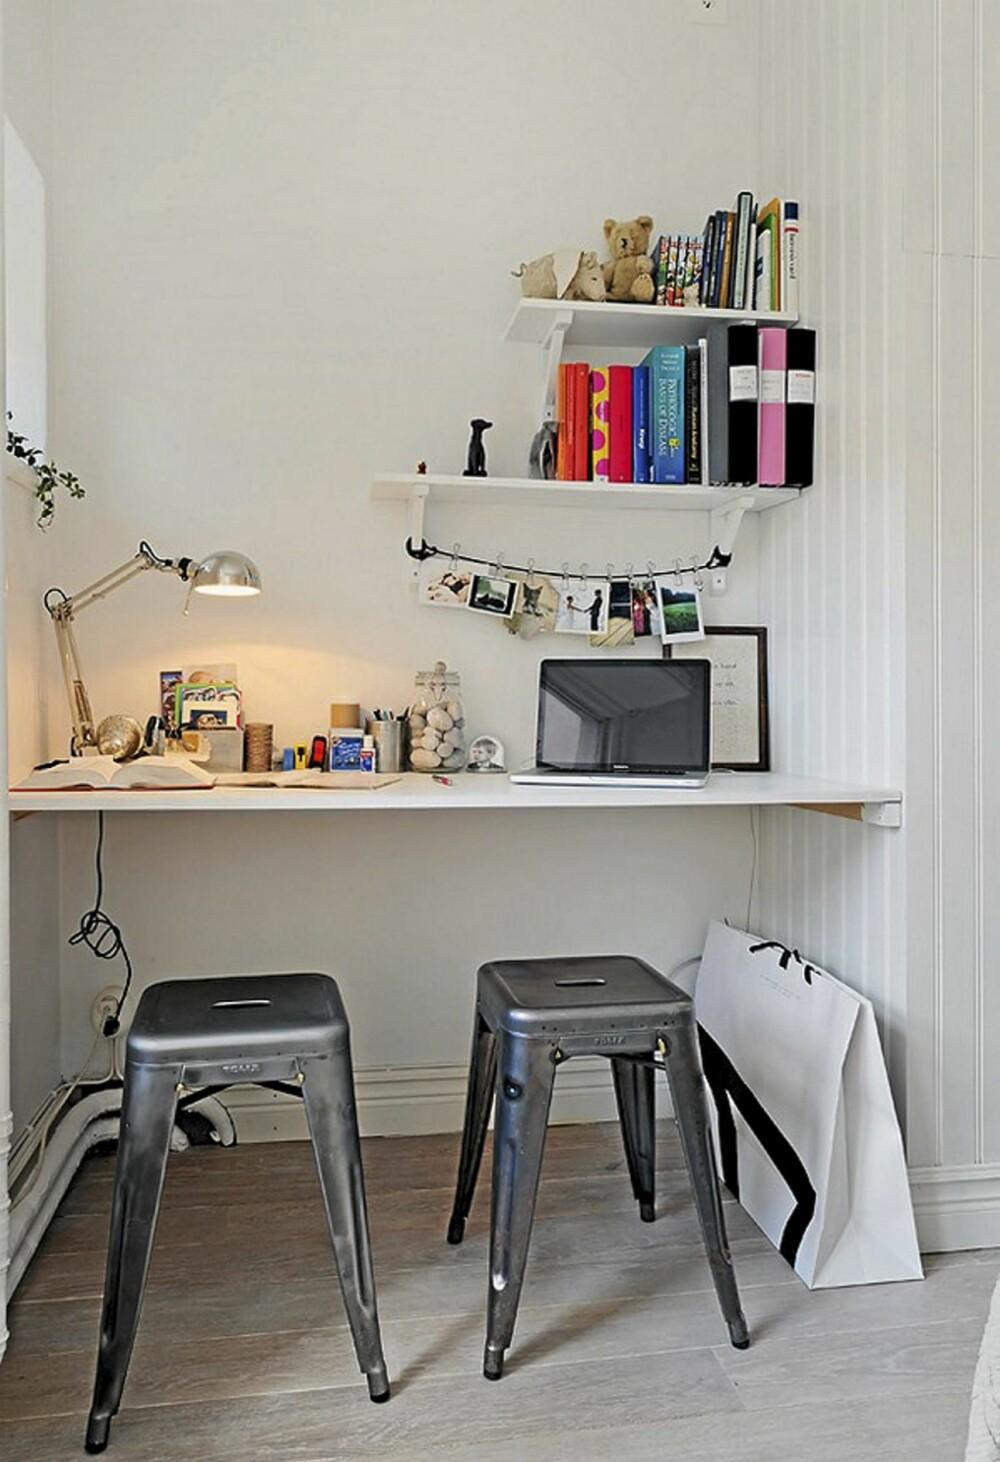 KONTOR: I det lille kontorhjørnet har de satt opp en praktisk og plassbygd pult for å utnytte plassen best mulig.